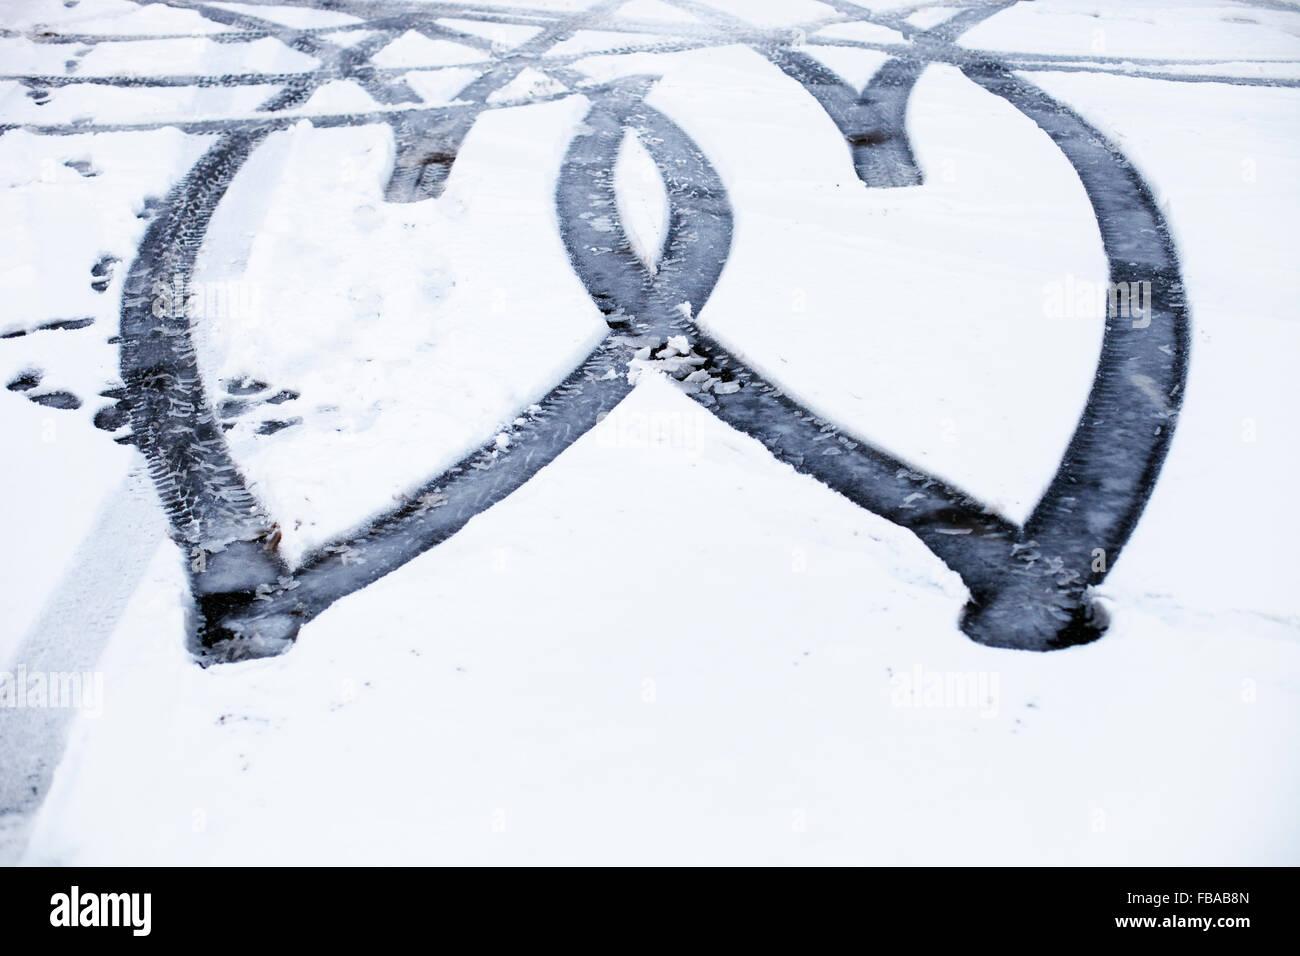 Finnland, Uusimaa, Reifen Spur im Schnee Stockbild